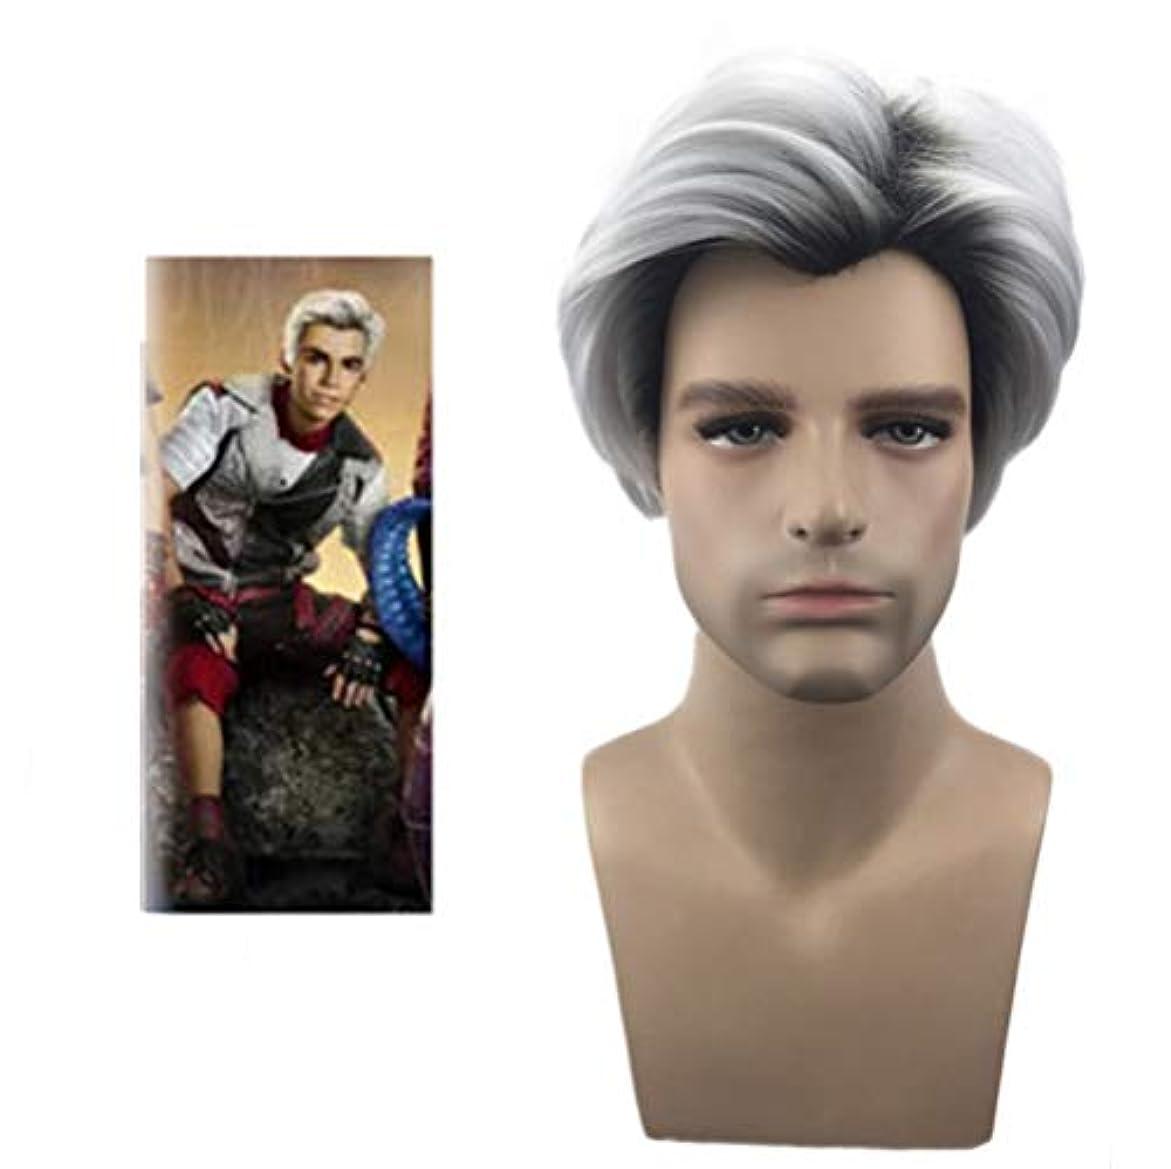 解凍する、雪解け、霜解け幻想的根拠男性用かつら150%密度合成耐熱ショーツブラジル人毛ウィッグ黒根白髪28cm